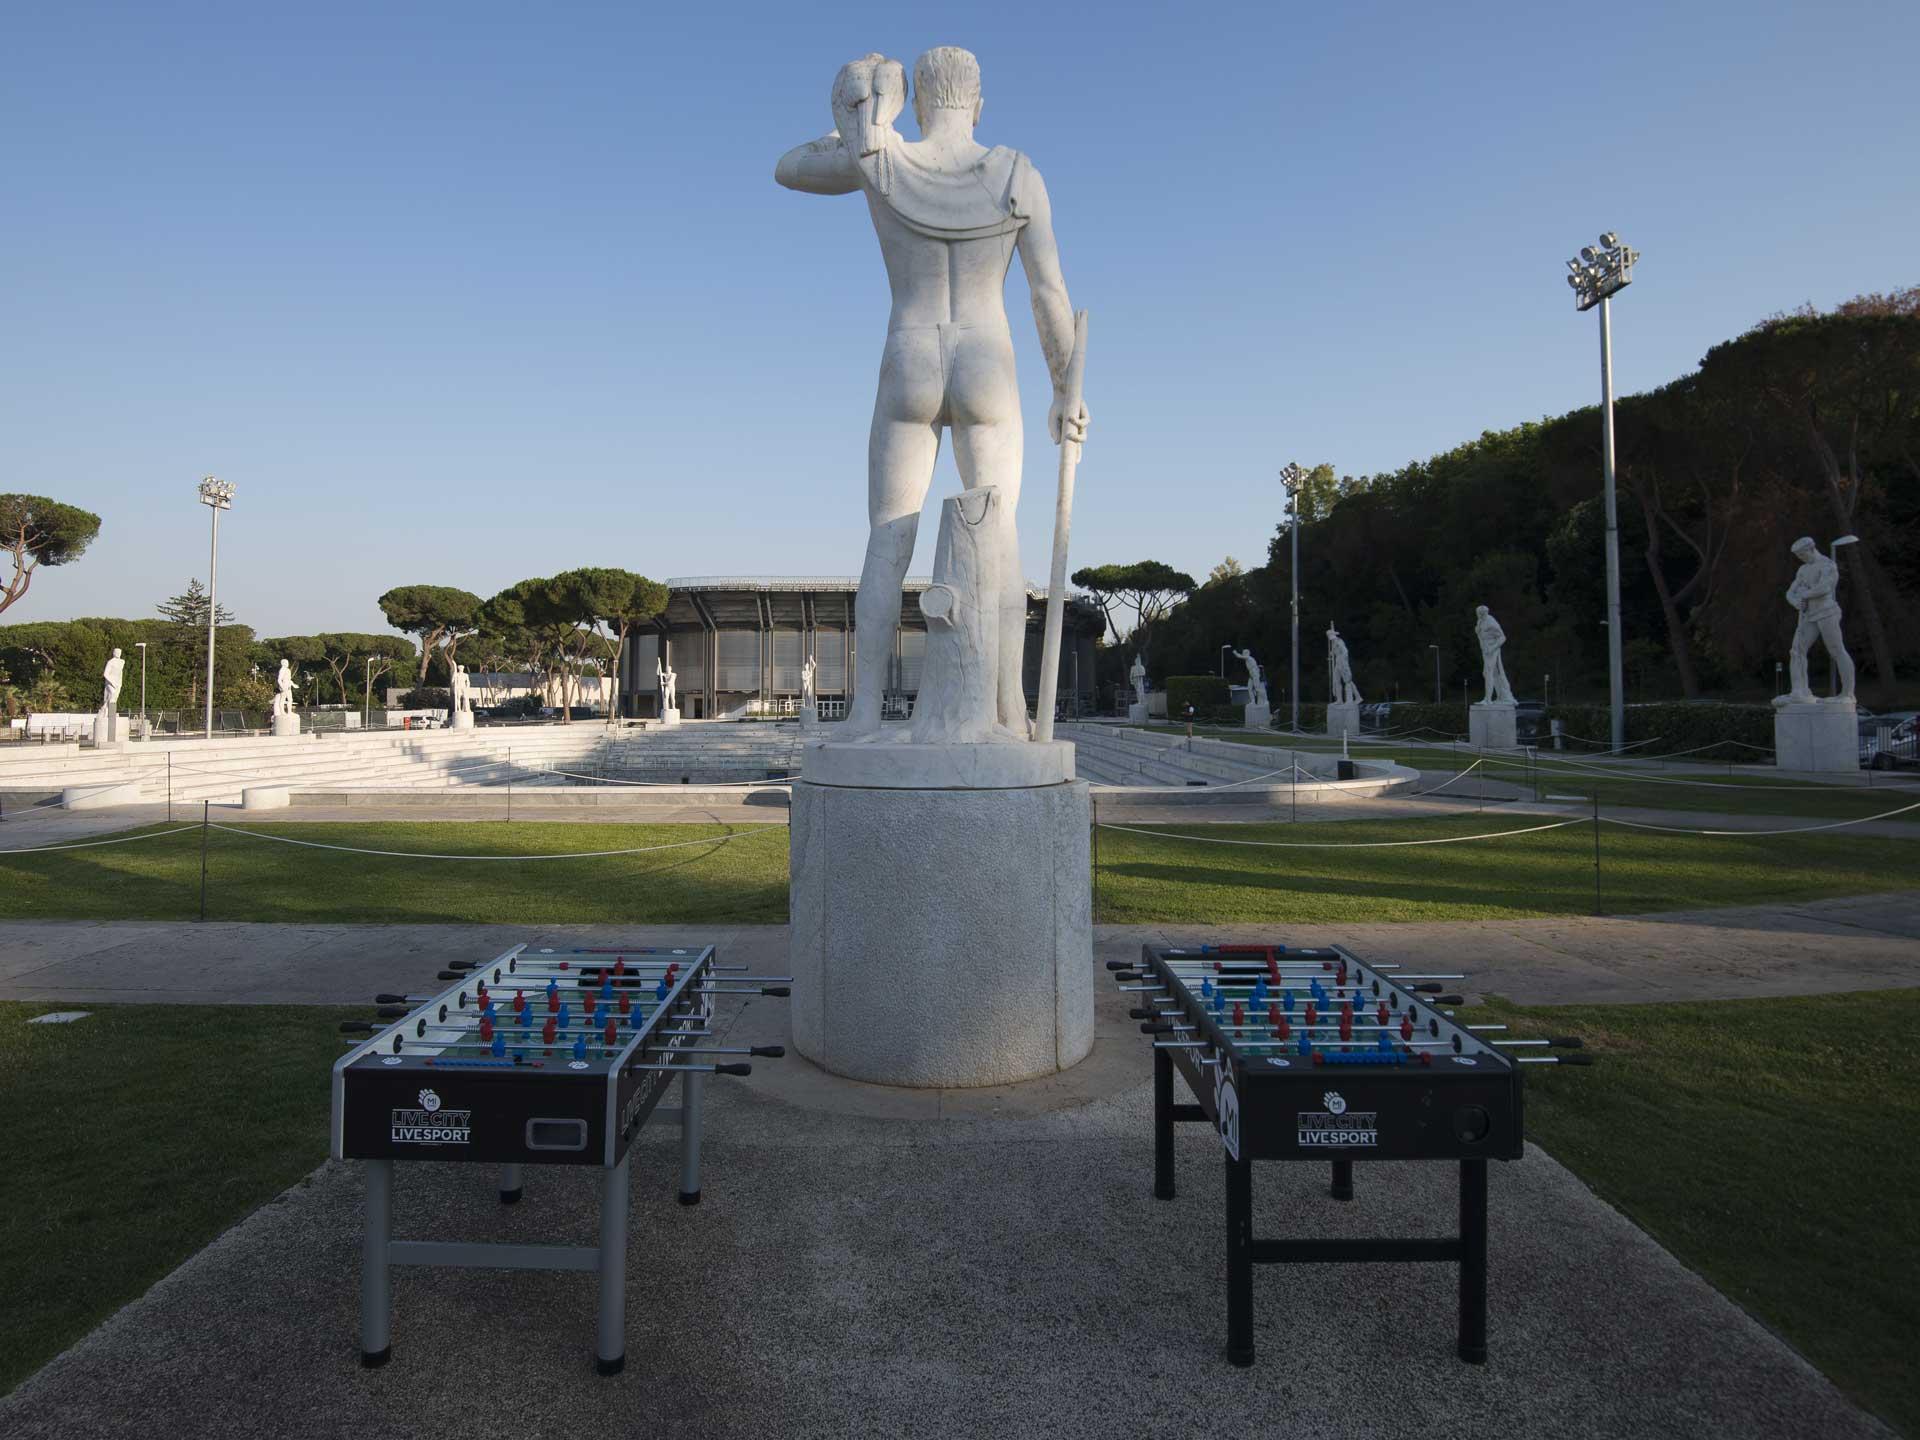 Calcio balilla - Noleggiocampi.it